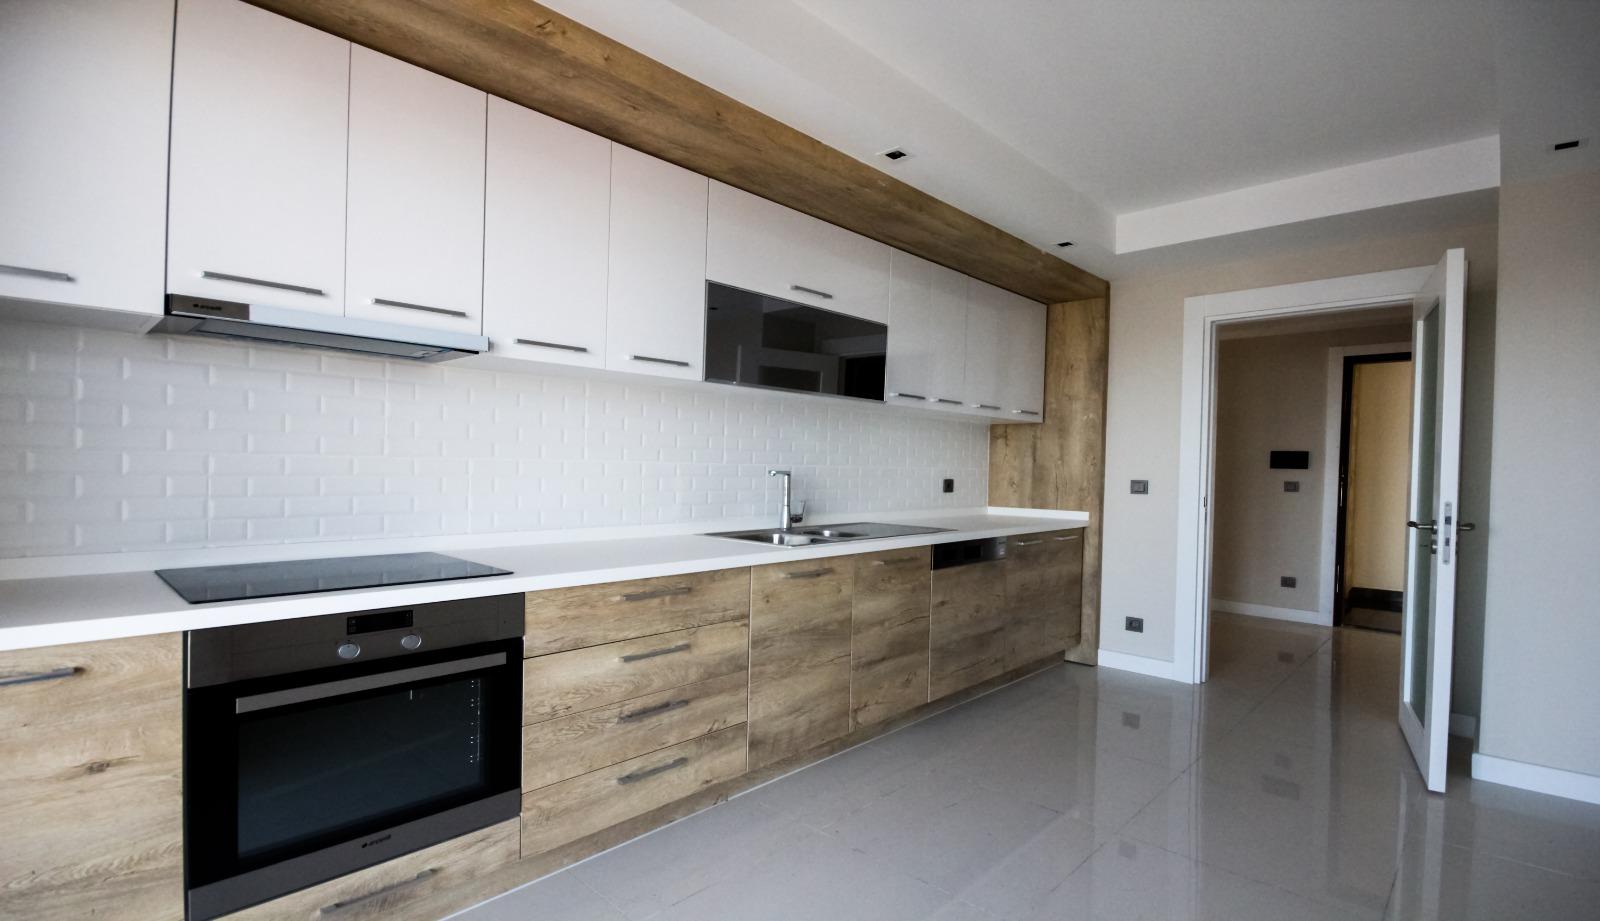 Апартаменты в жилом комплексе Стамбула - Фото 12